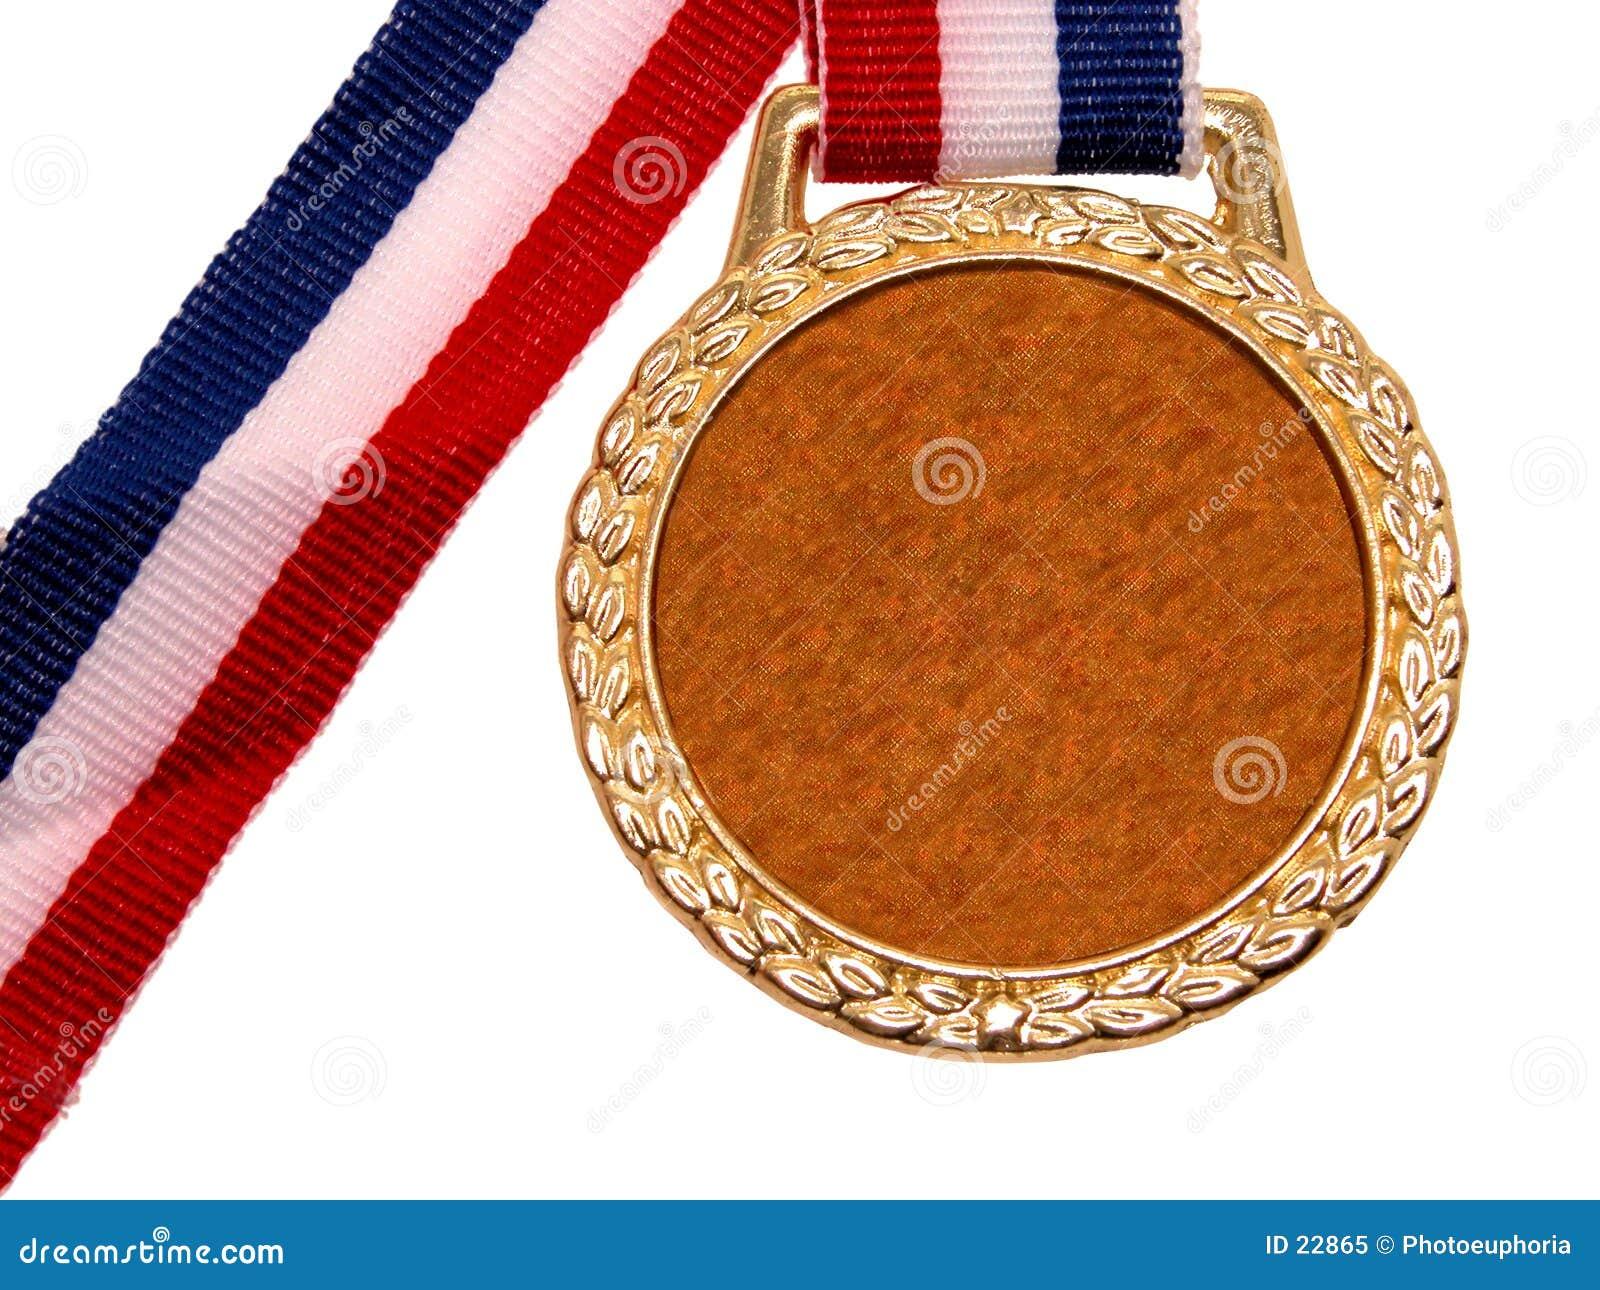 1 złoty medal 2 błyszczący